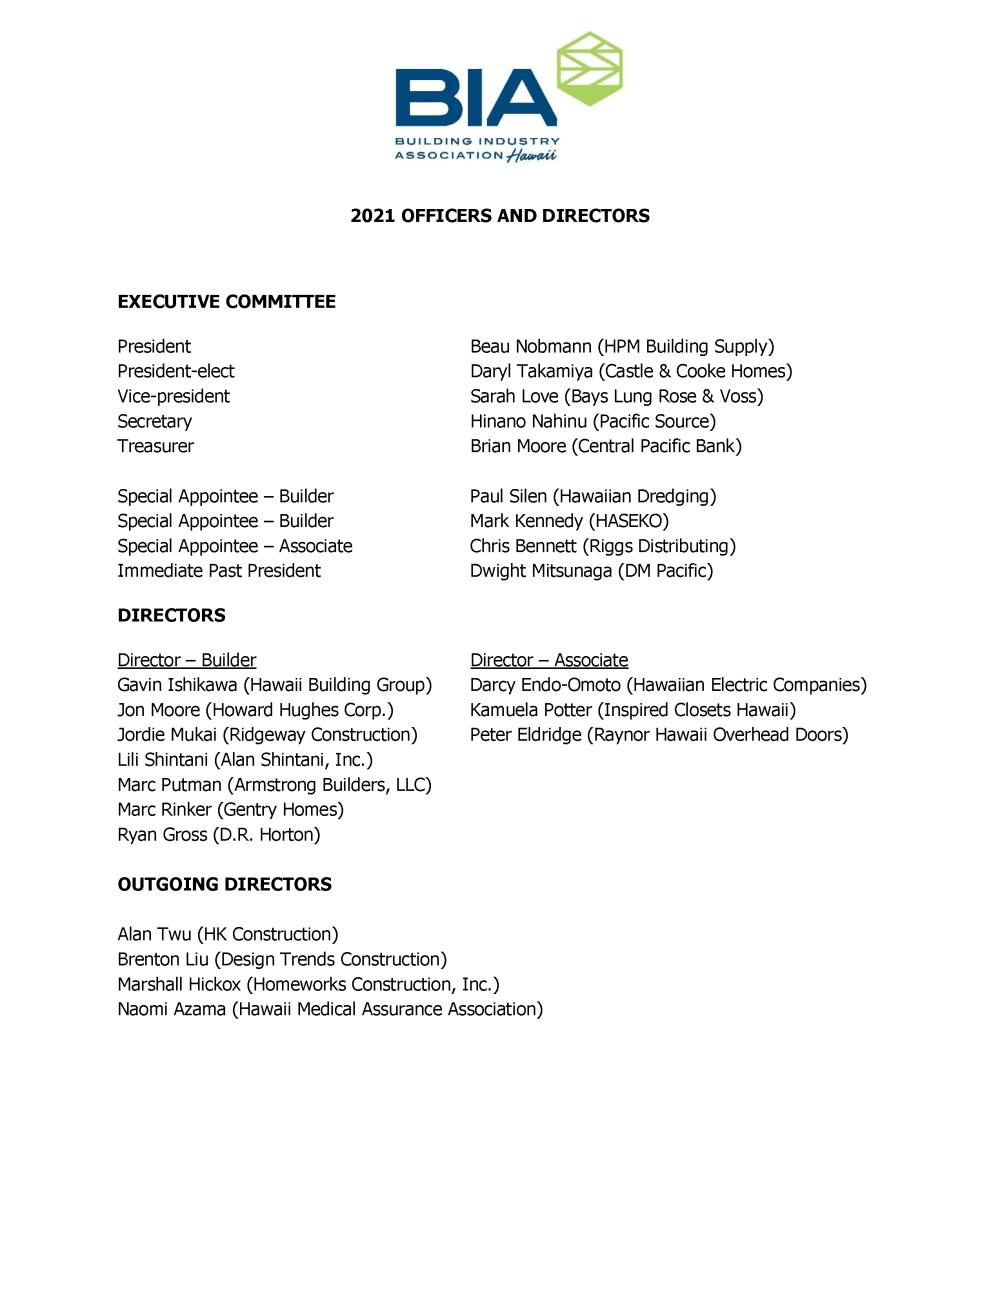 2021-BIA-Board-Listing-w1000.png